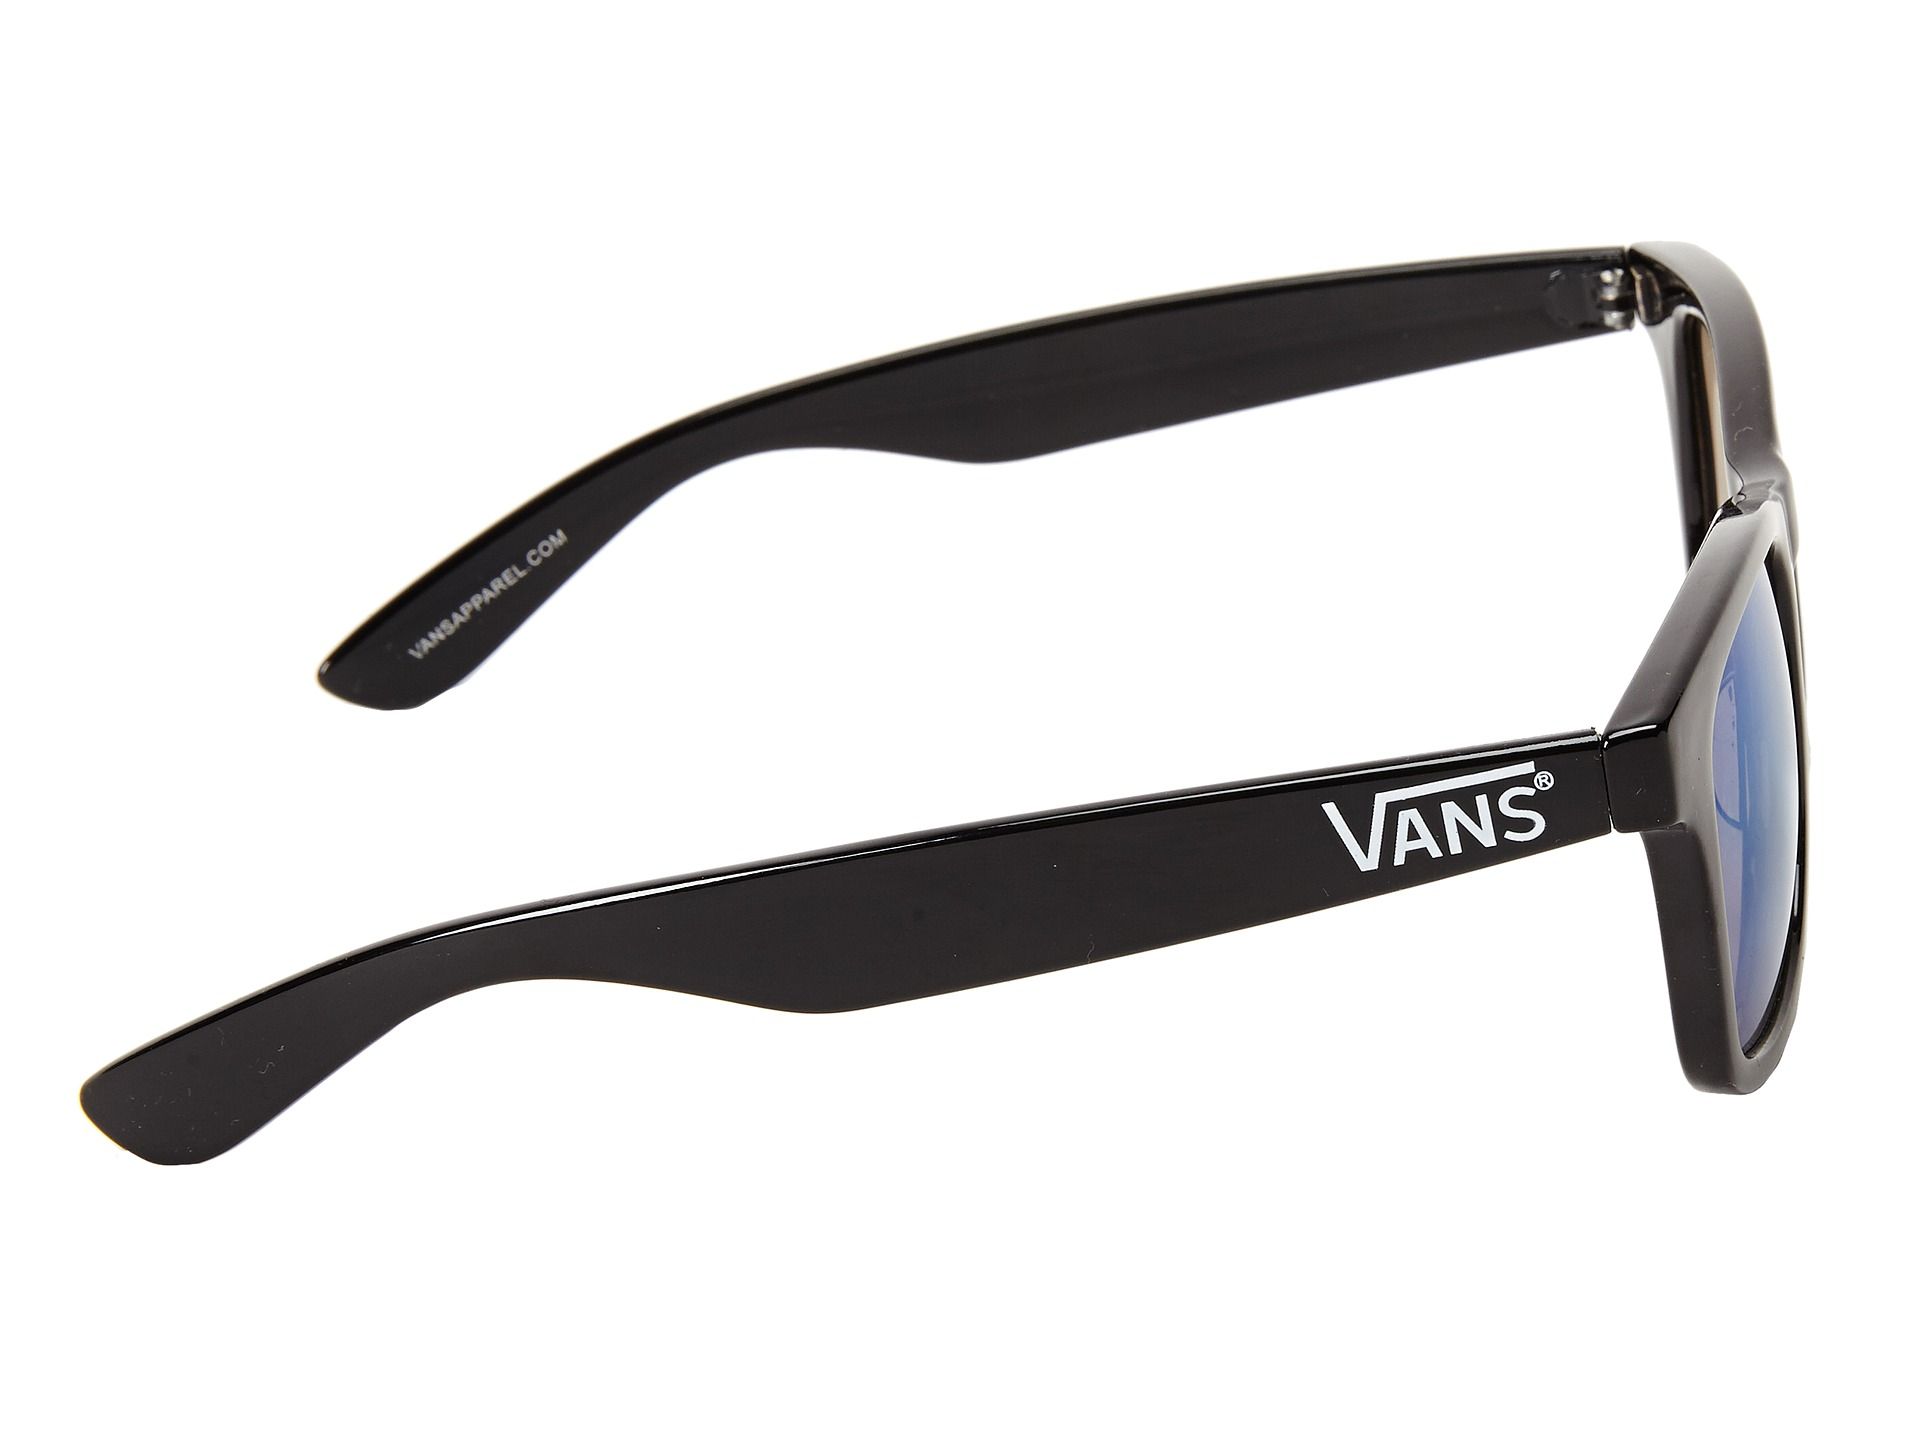 vans sunglasses mens Grey